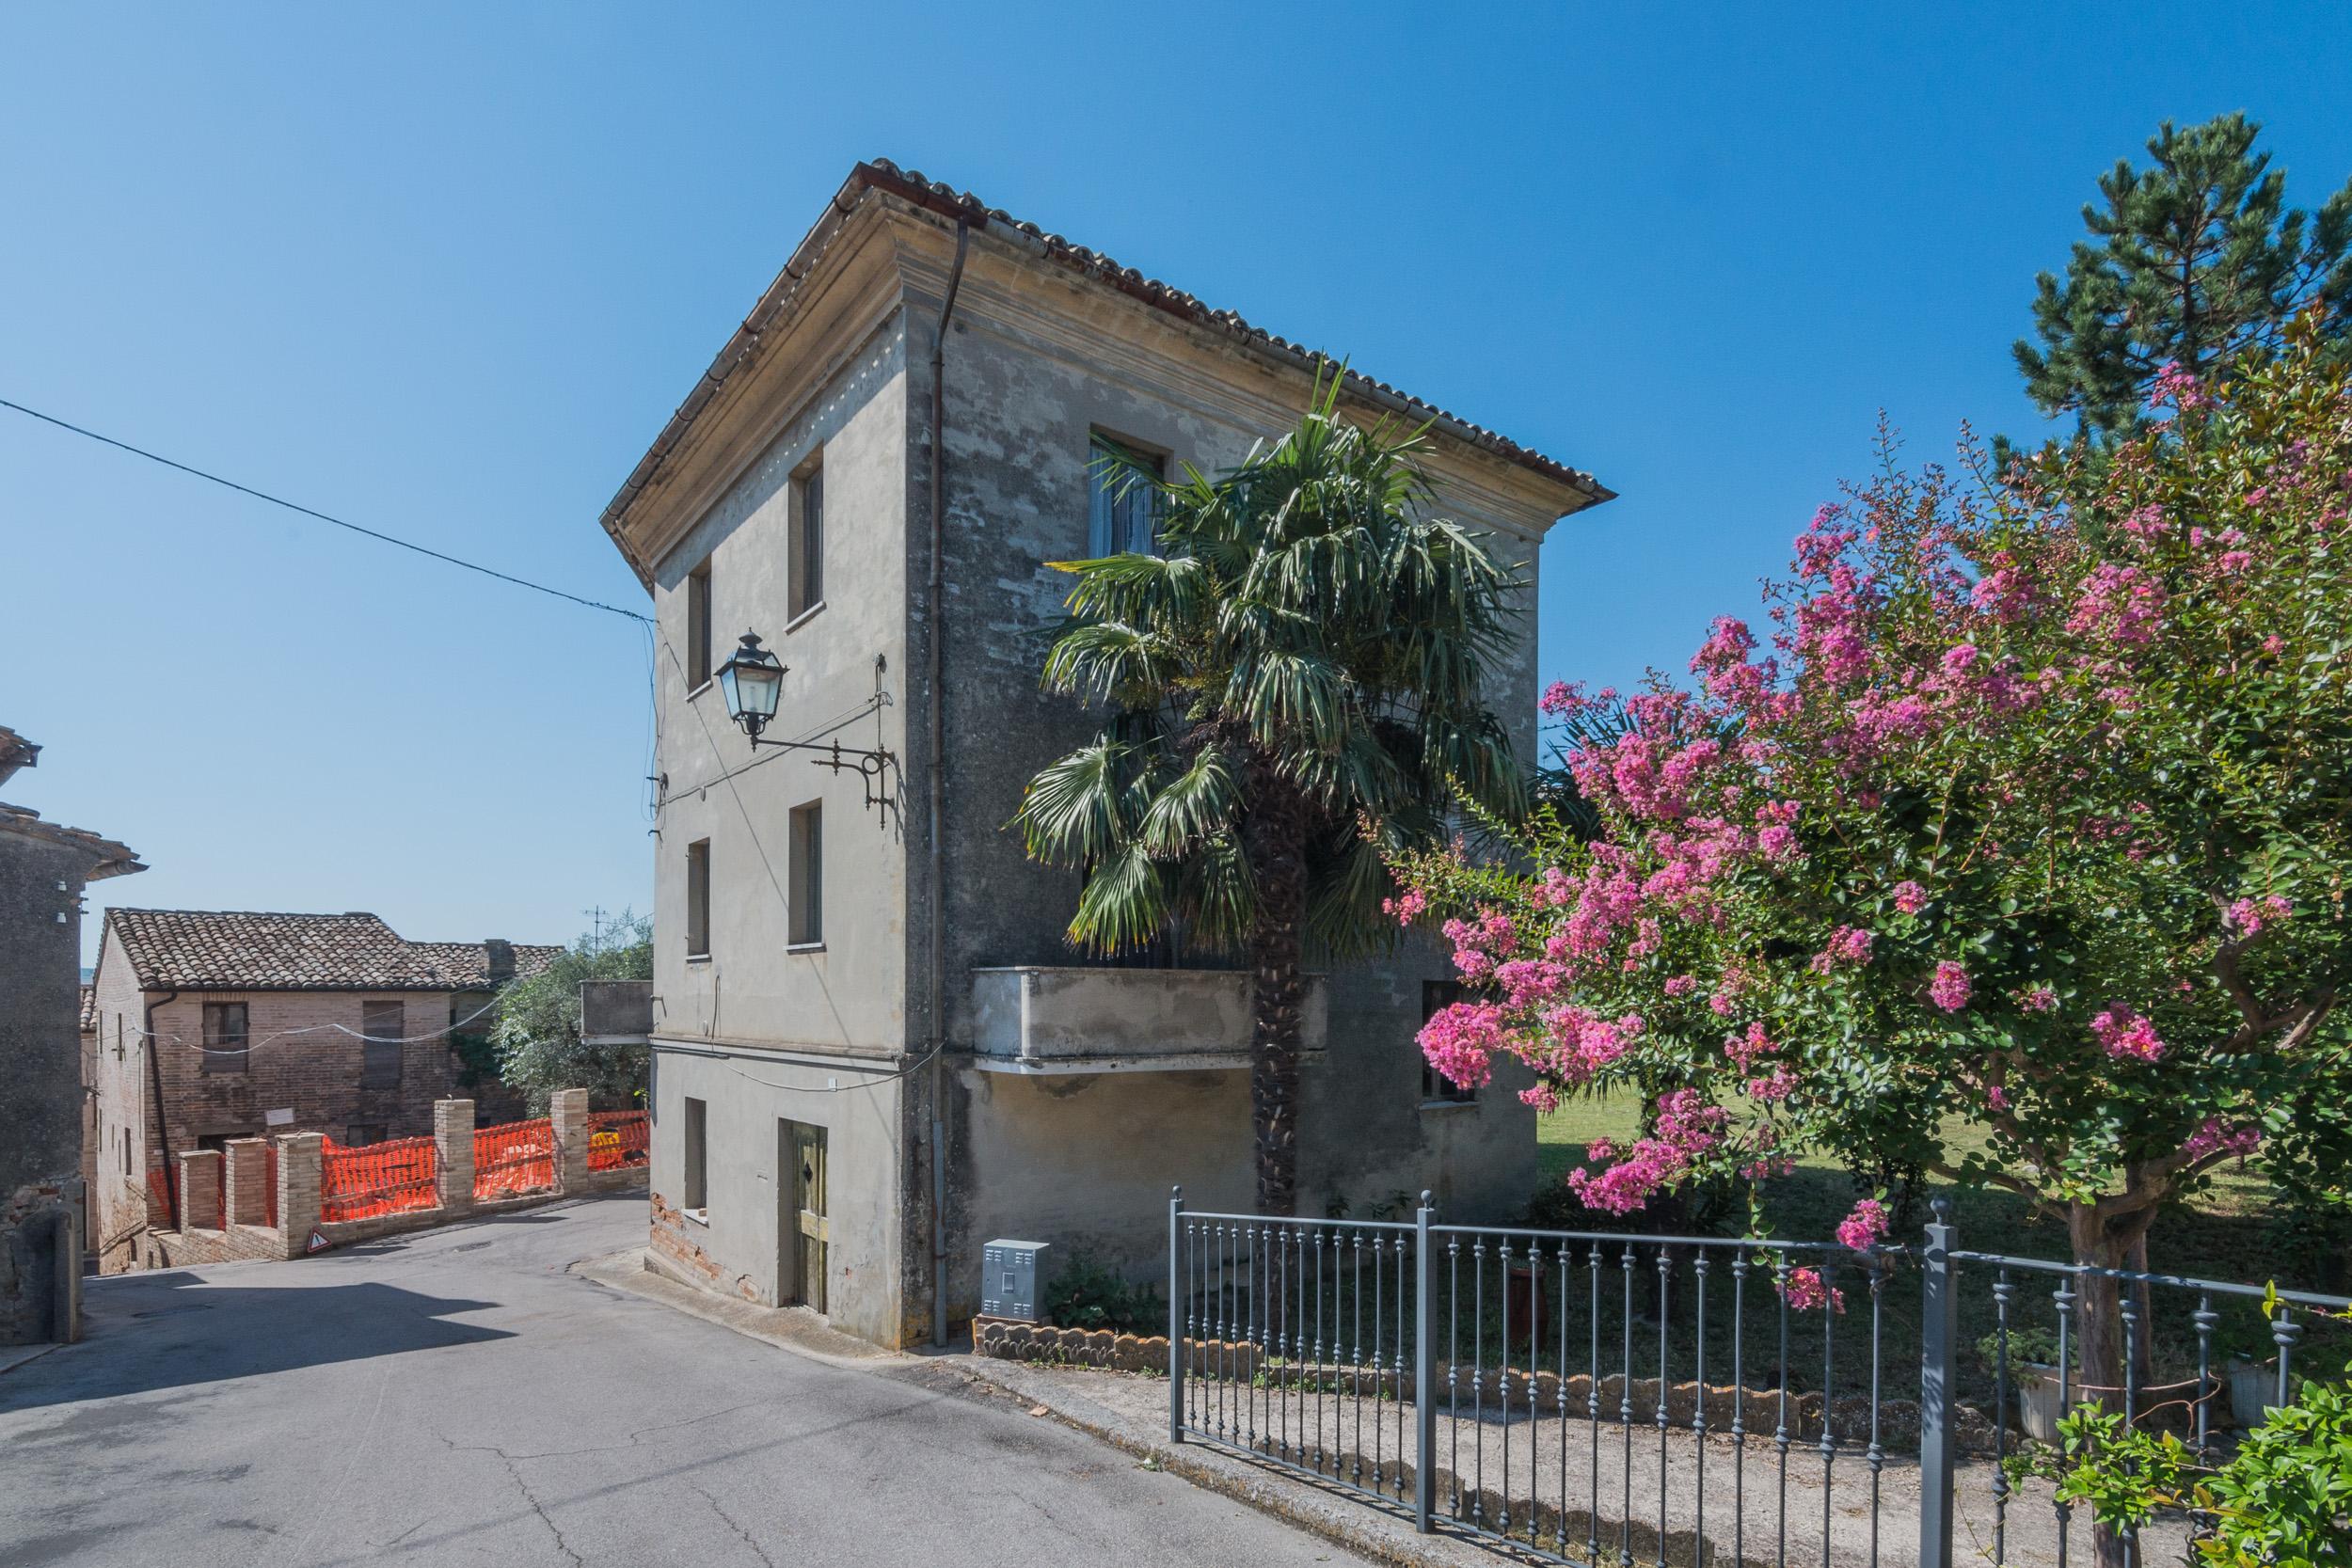 L'Agenzia Immobiliare Puzielli propone Palazzo con giardino in vendita nelle Marche